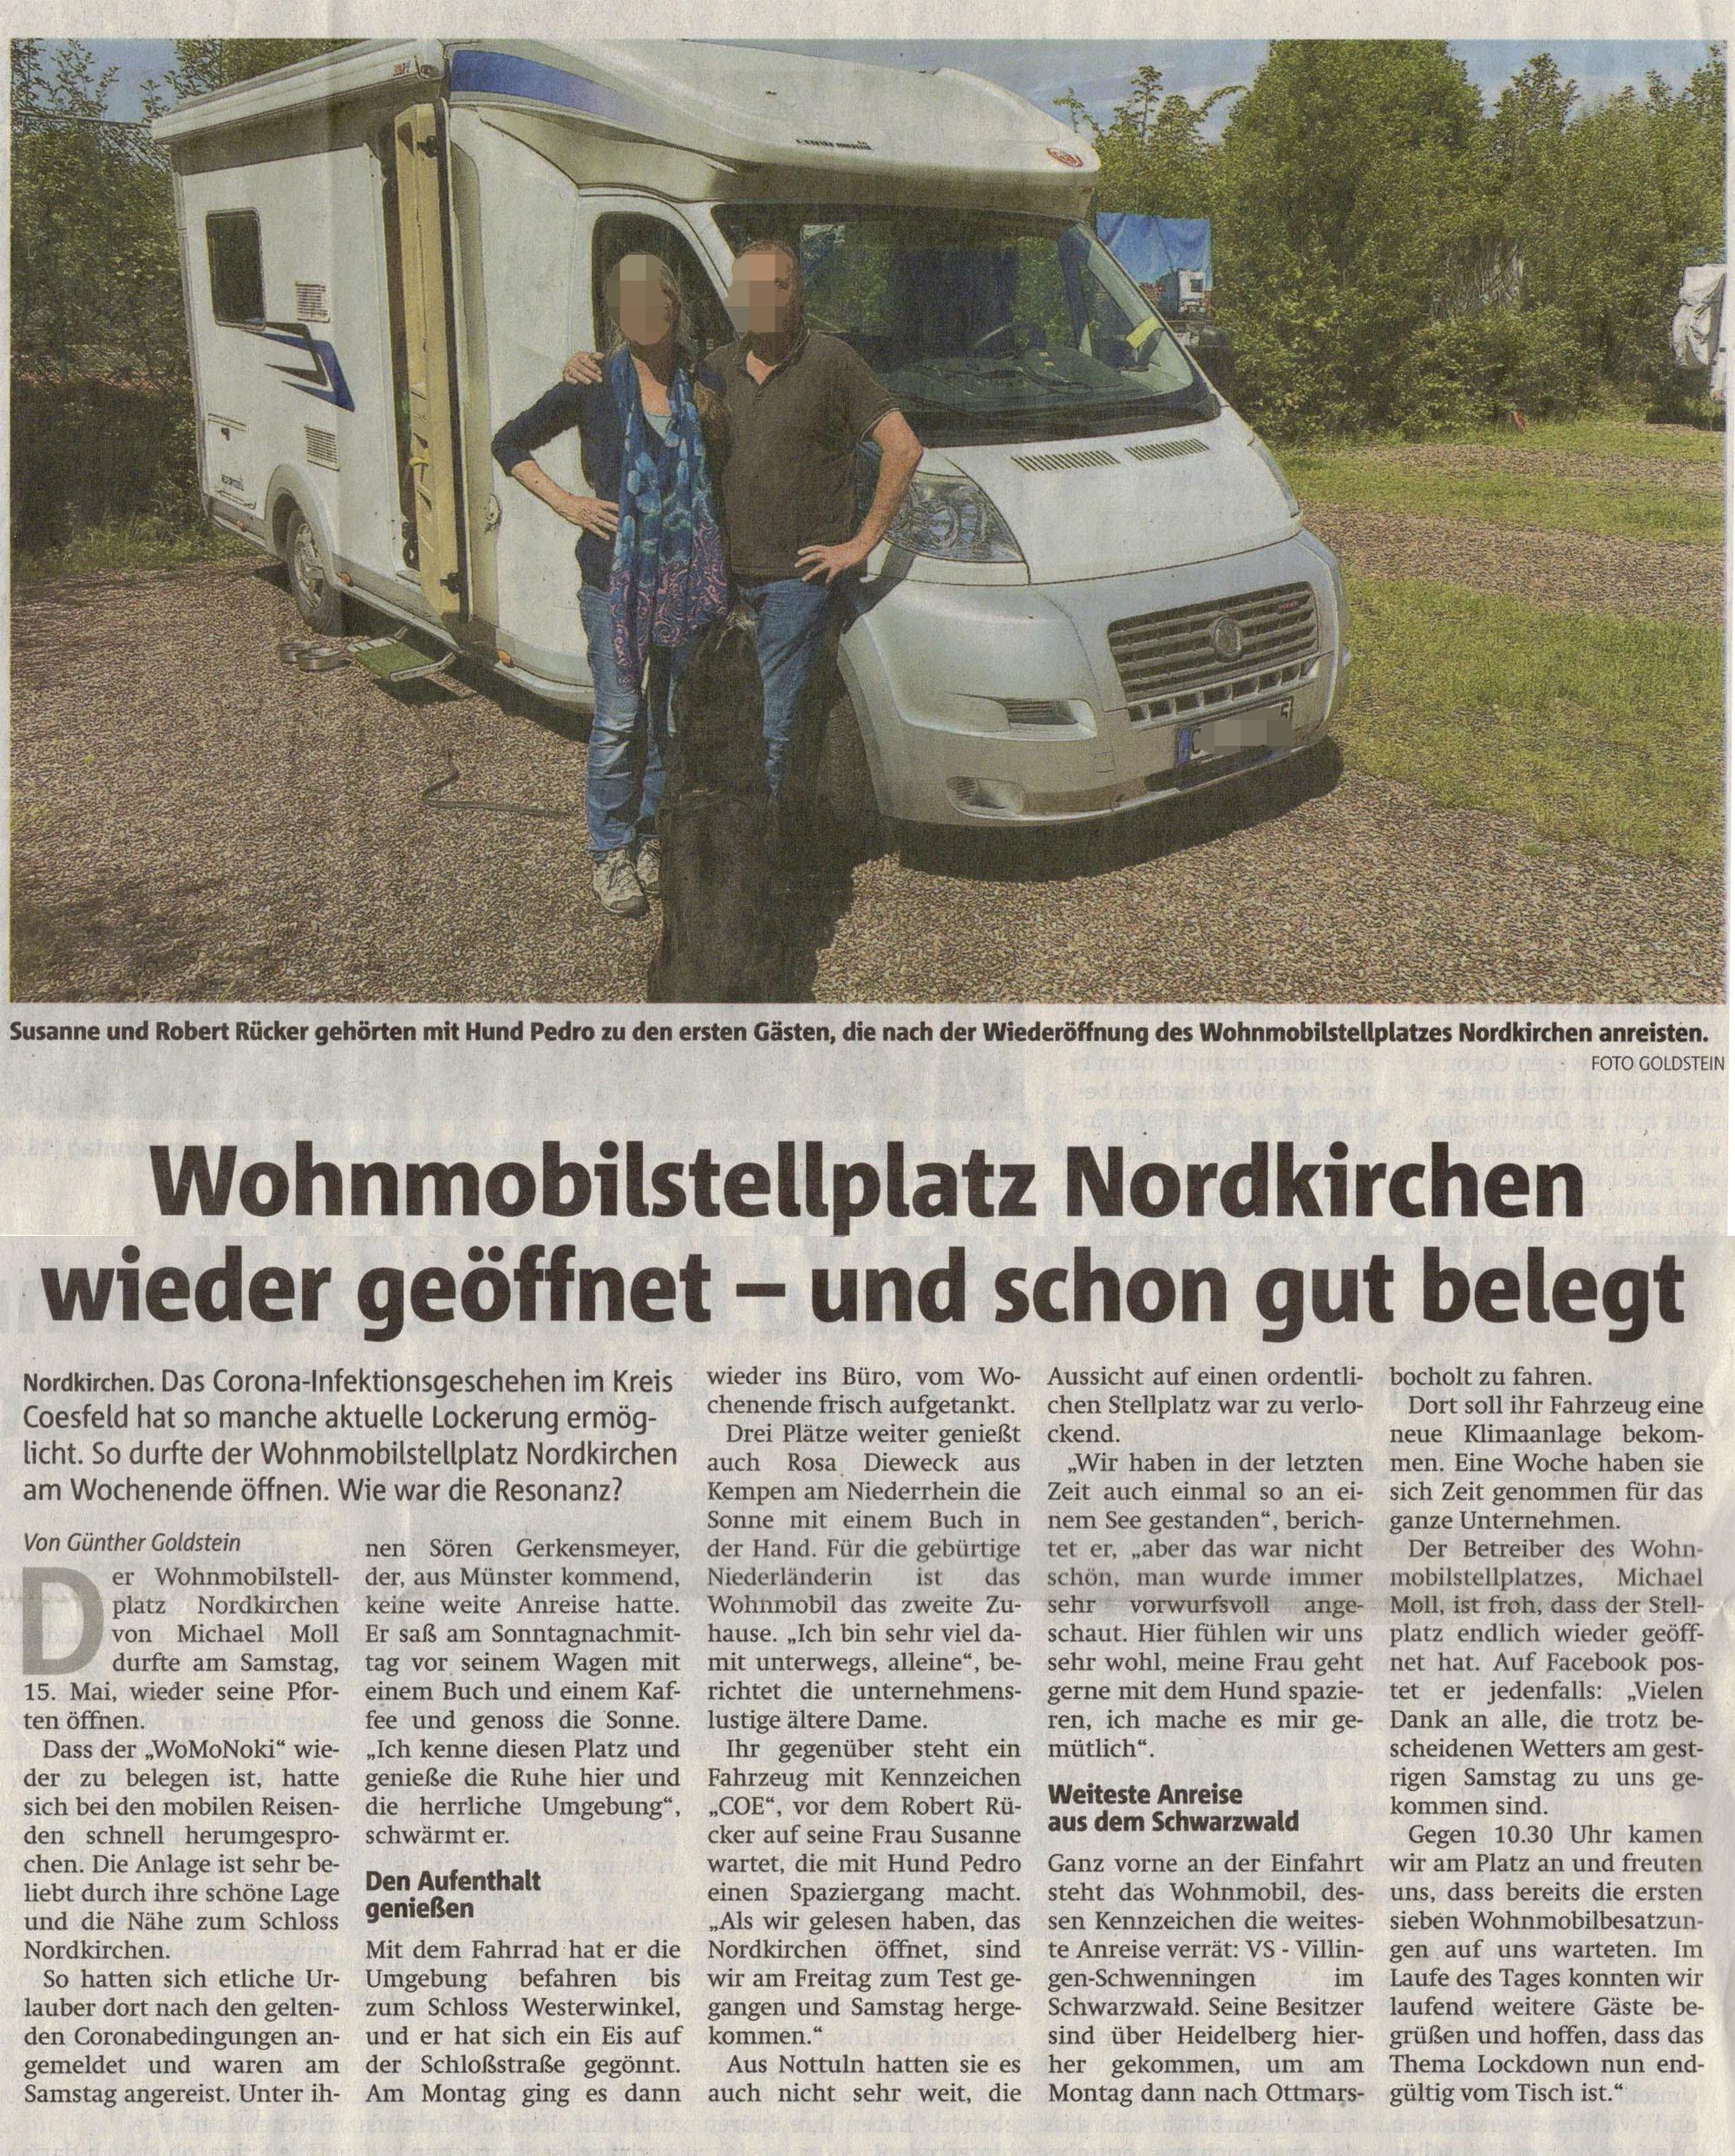 Ruhrnachrichten vom 18. Mai 2021